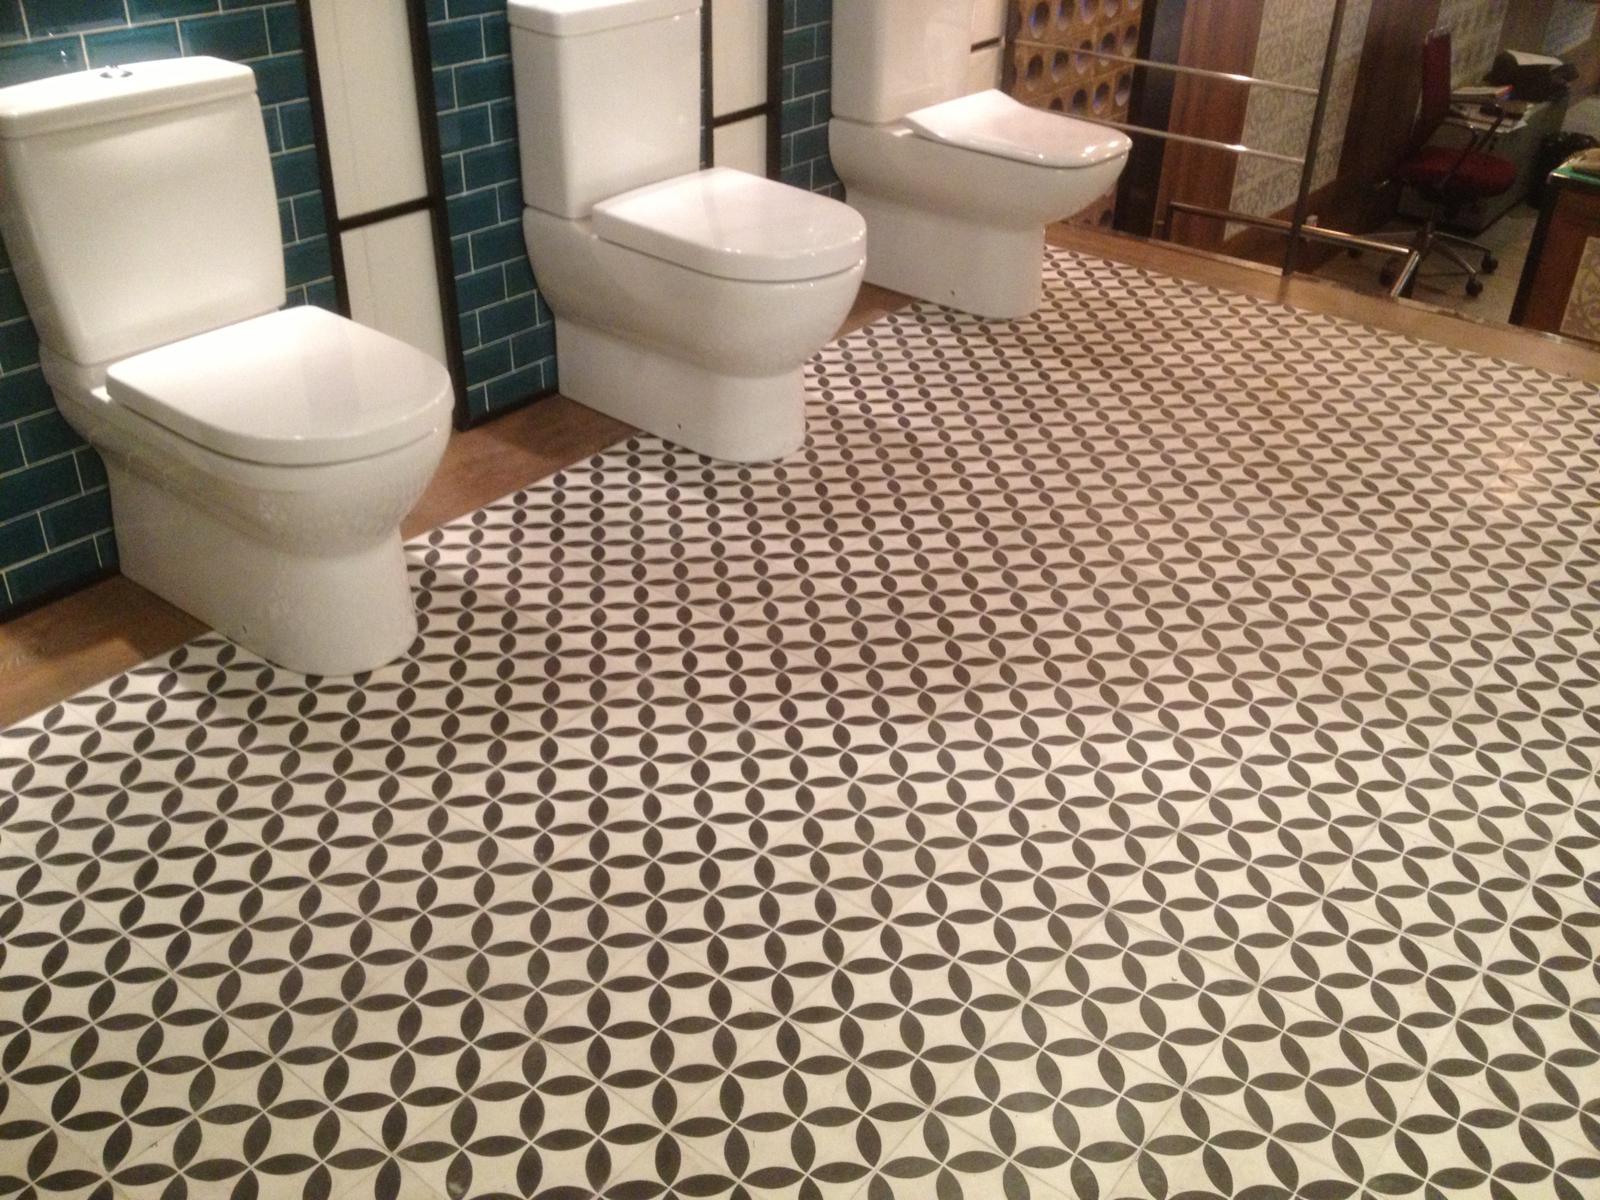 Ba os con azulejos hidraulicos - Azulejos para mosaicos ...